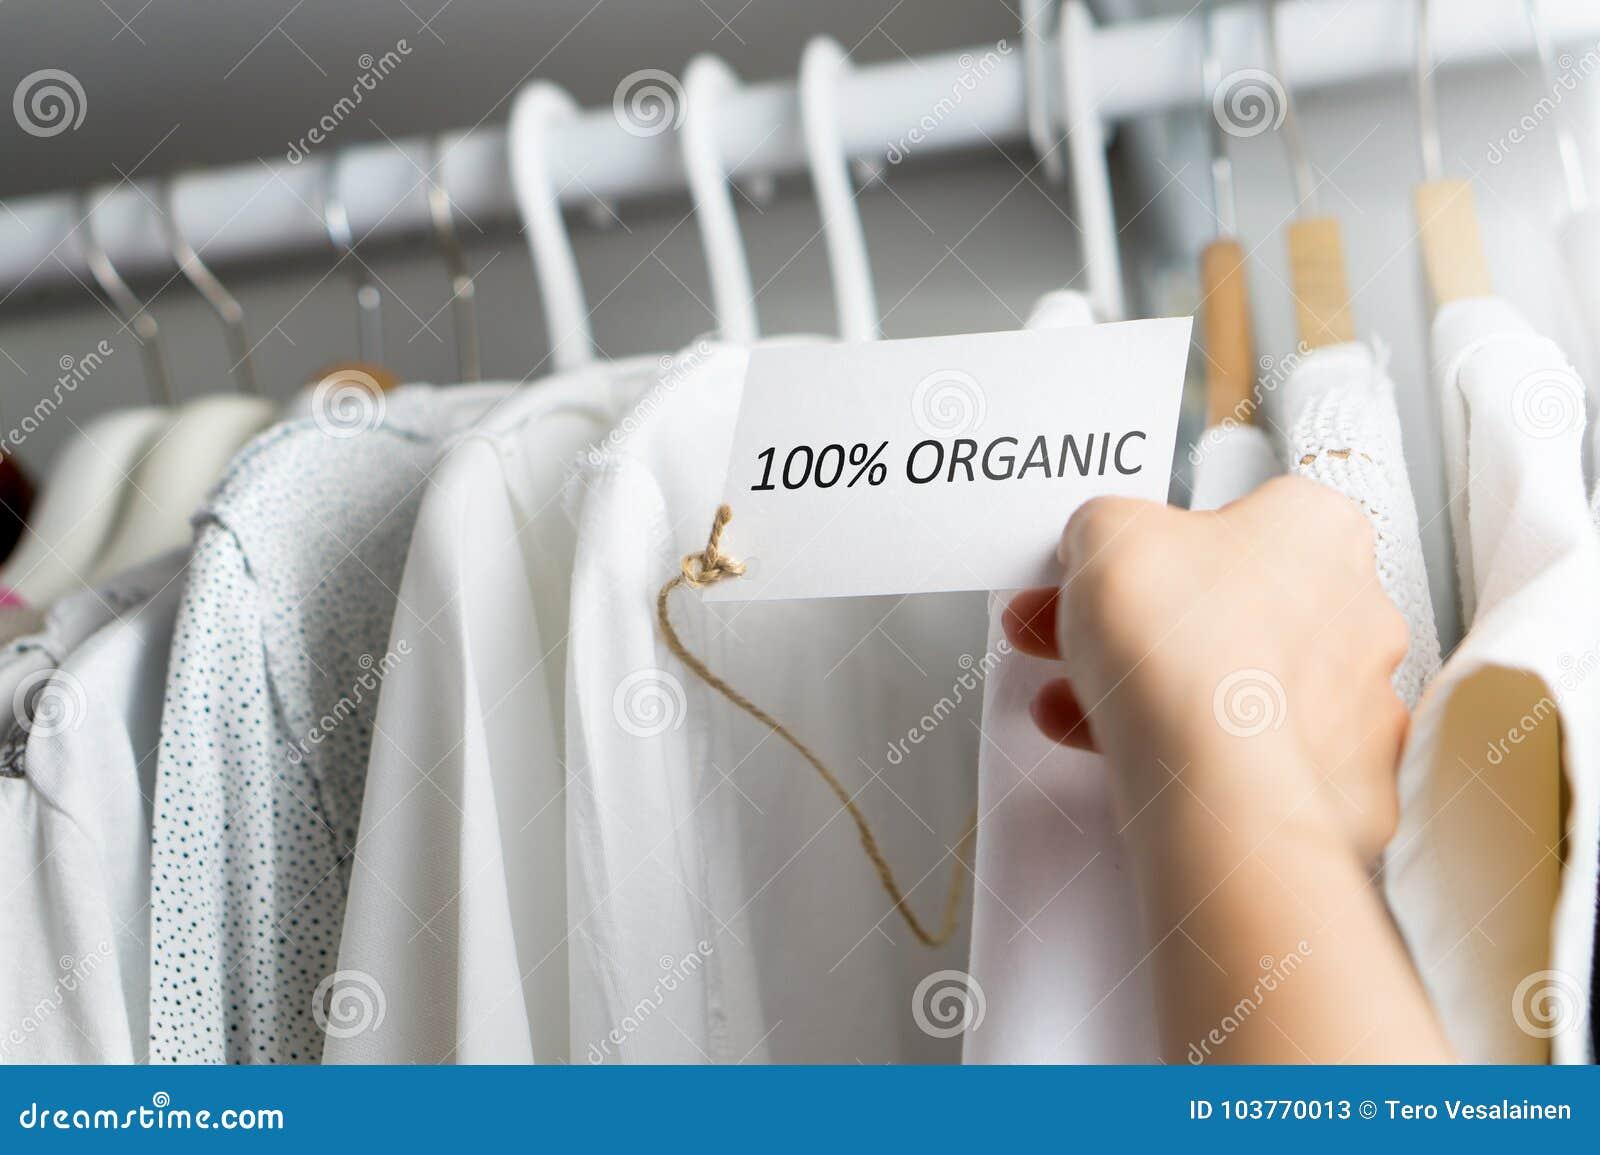 Сделанный из материалов 100  органических